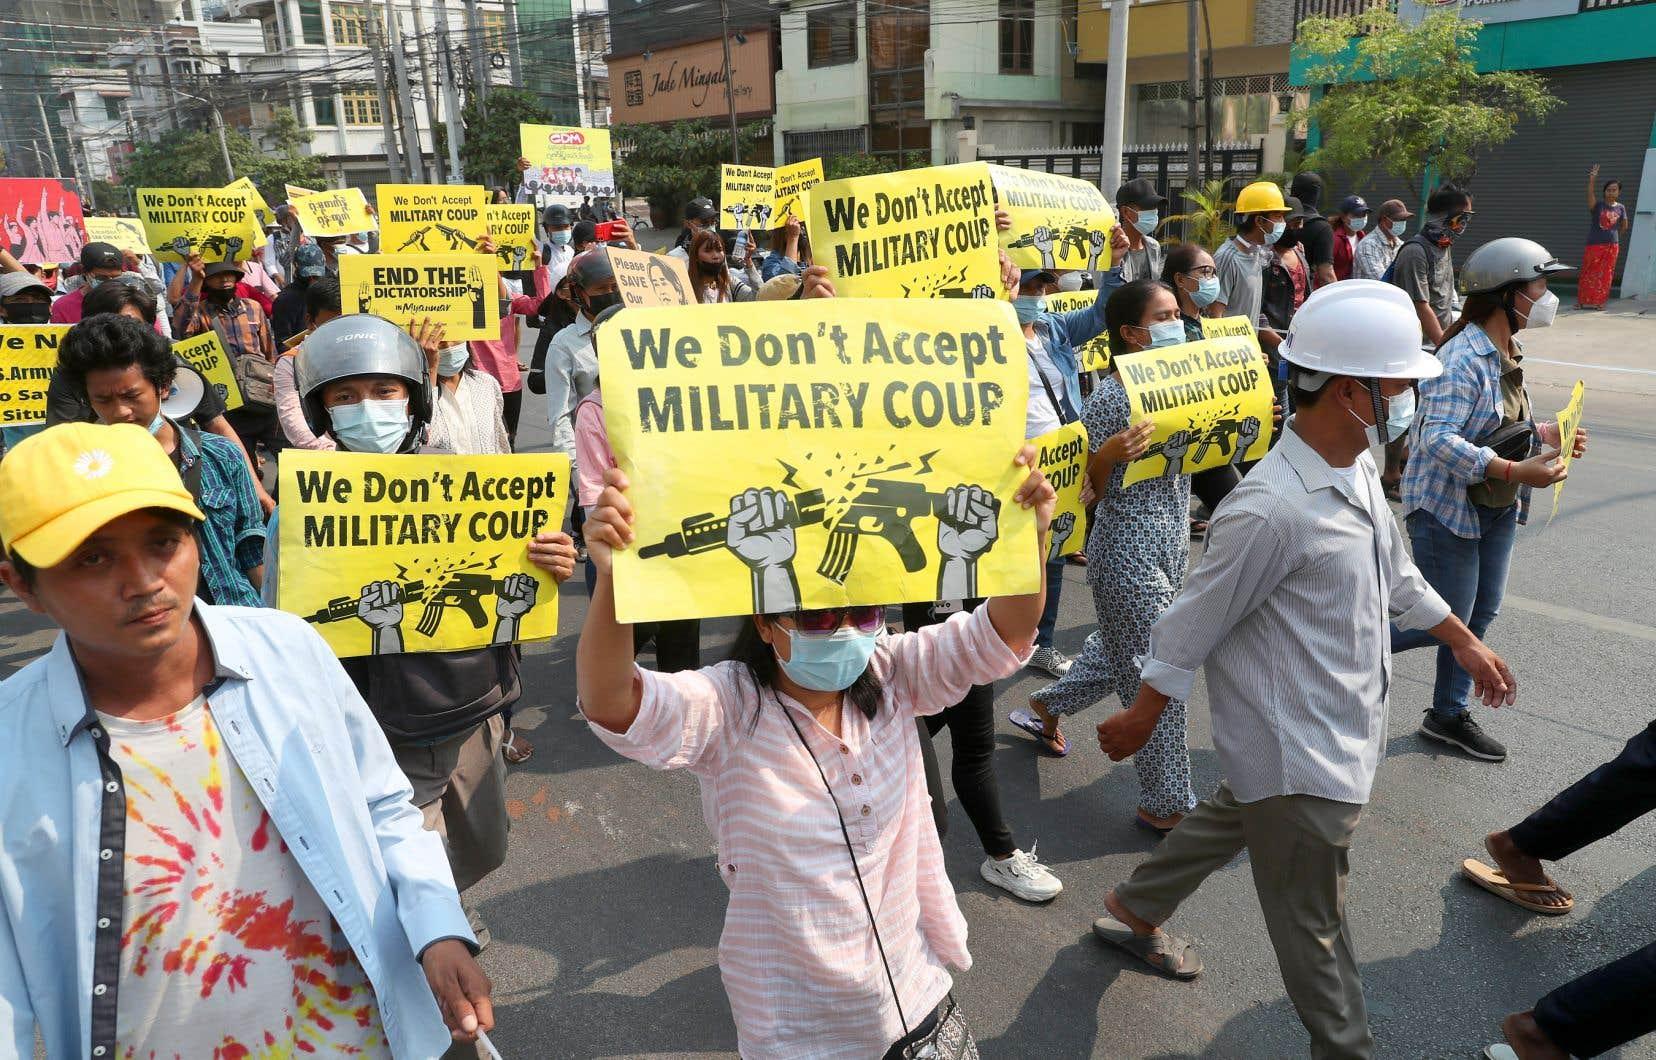 Le bilan ne cesse de s'alourdir avec au moins 44 civils tués dimanche, journée de répression la plus sanglante depuis le coup d'État militaire du 1er février. Sur la photo, des manifestants pro-démocratie, lundi, à Mandalay.